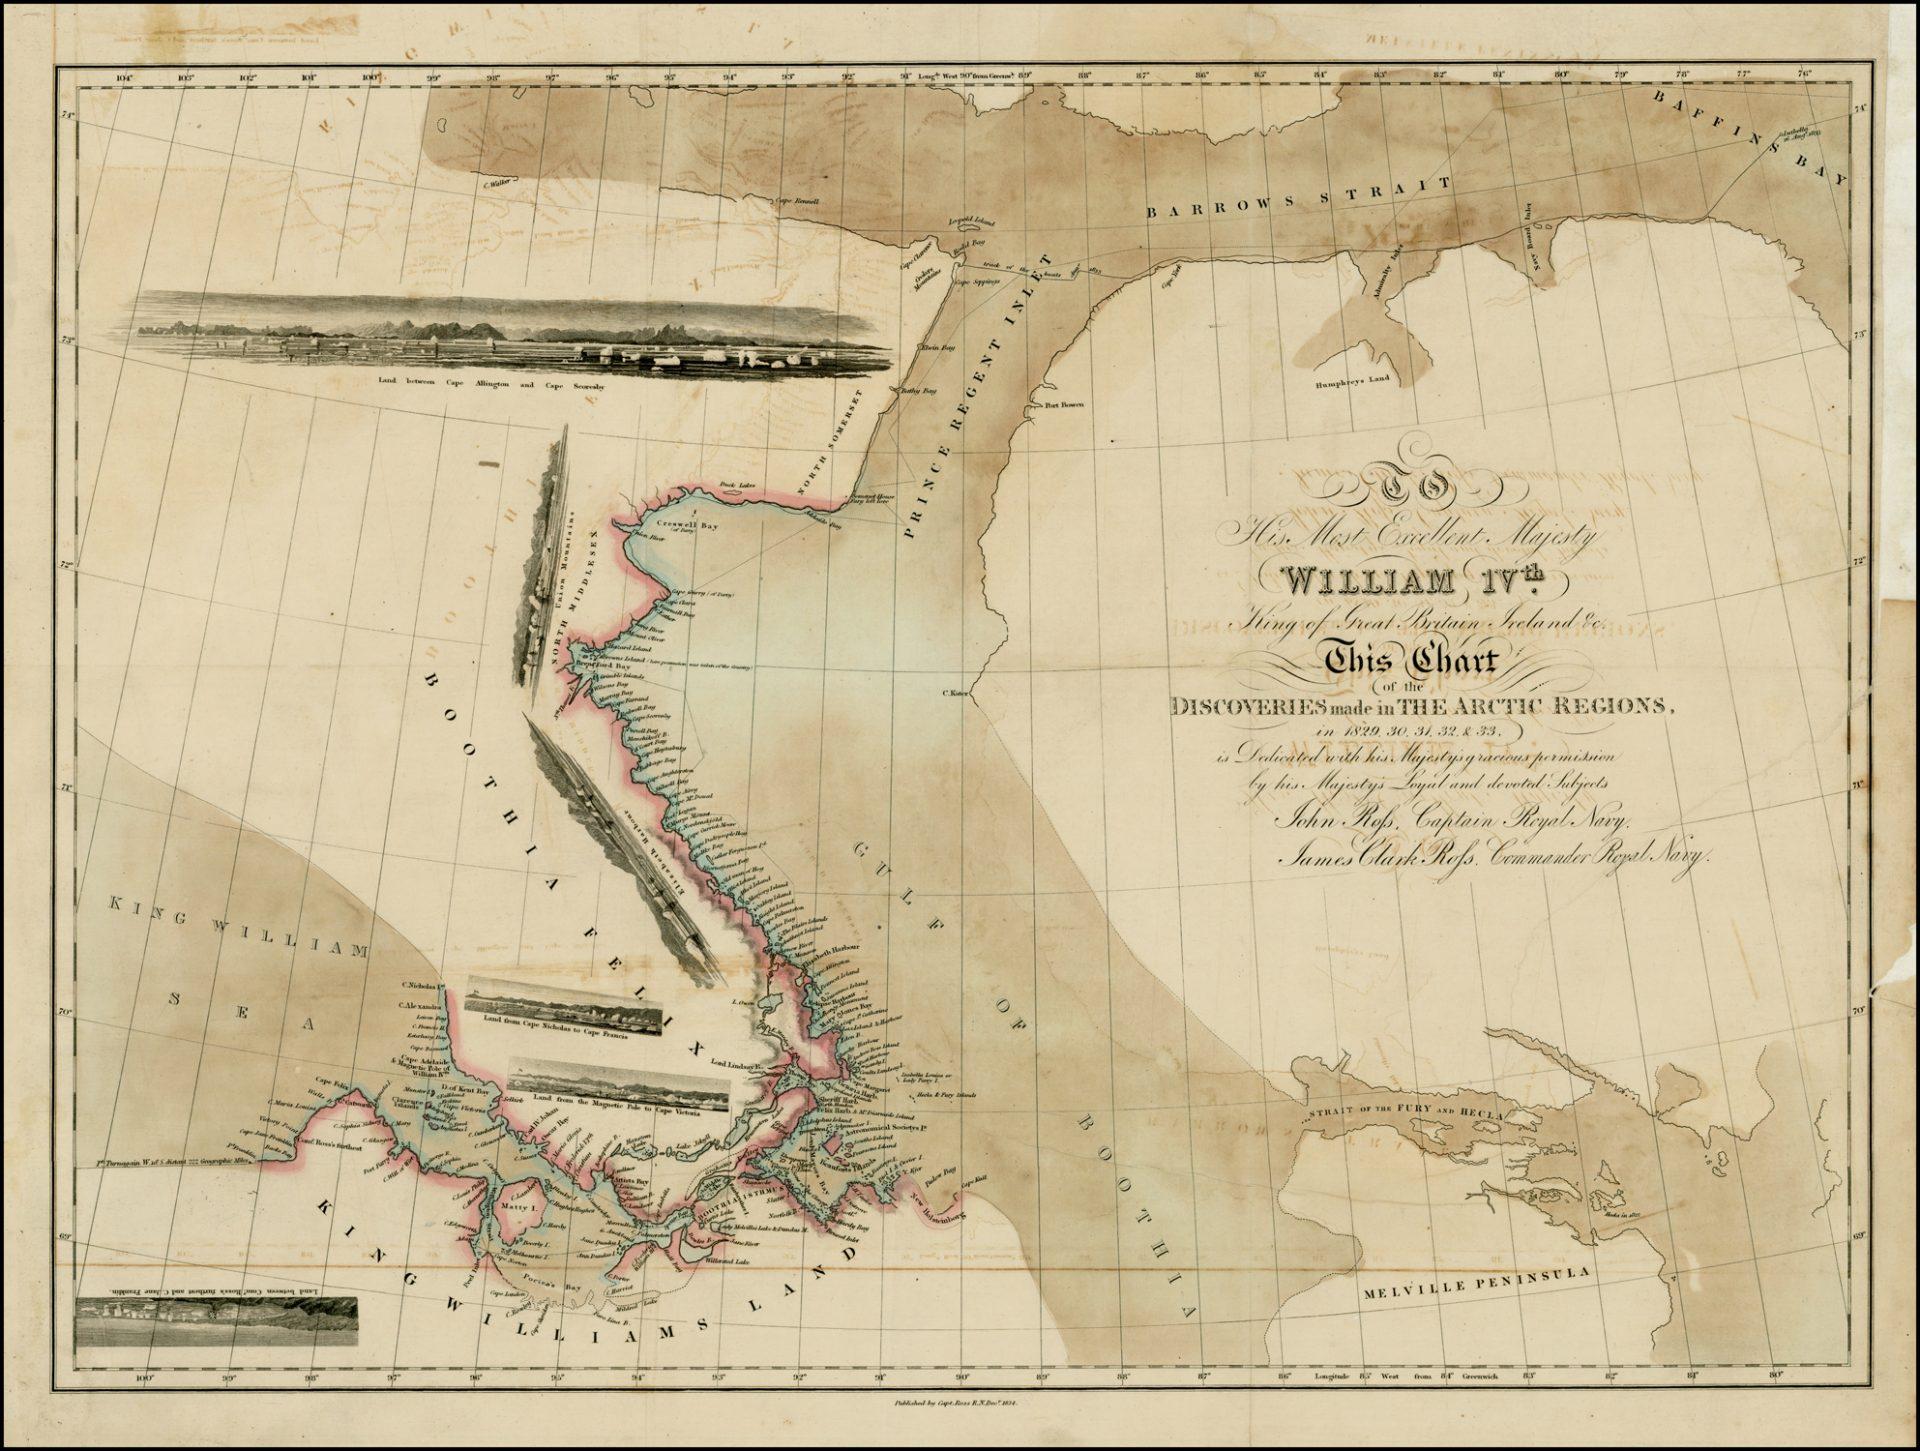 Karta över Arktis från 1834.